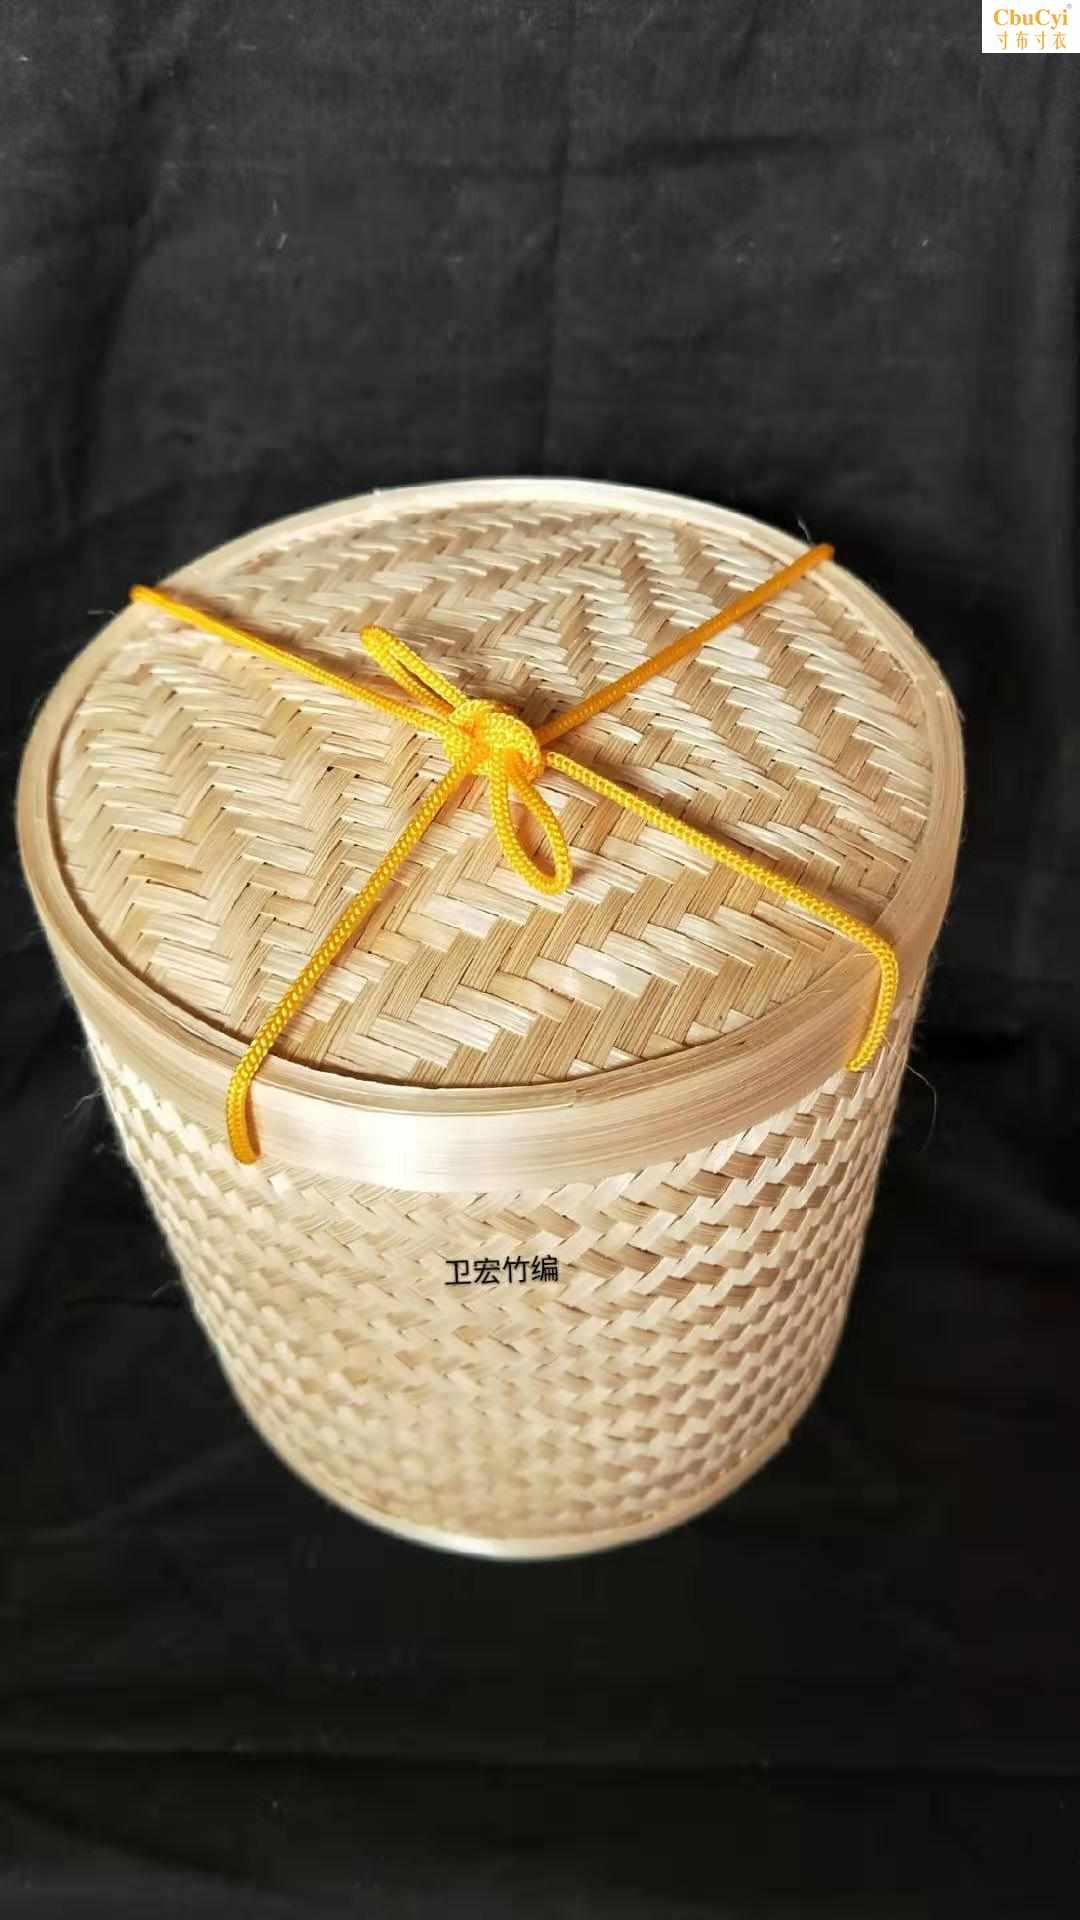 傣族纯手工编织竹收储盒饭盒茶盒无漆环保高23公分直径22公分